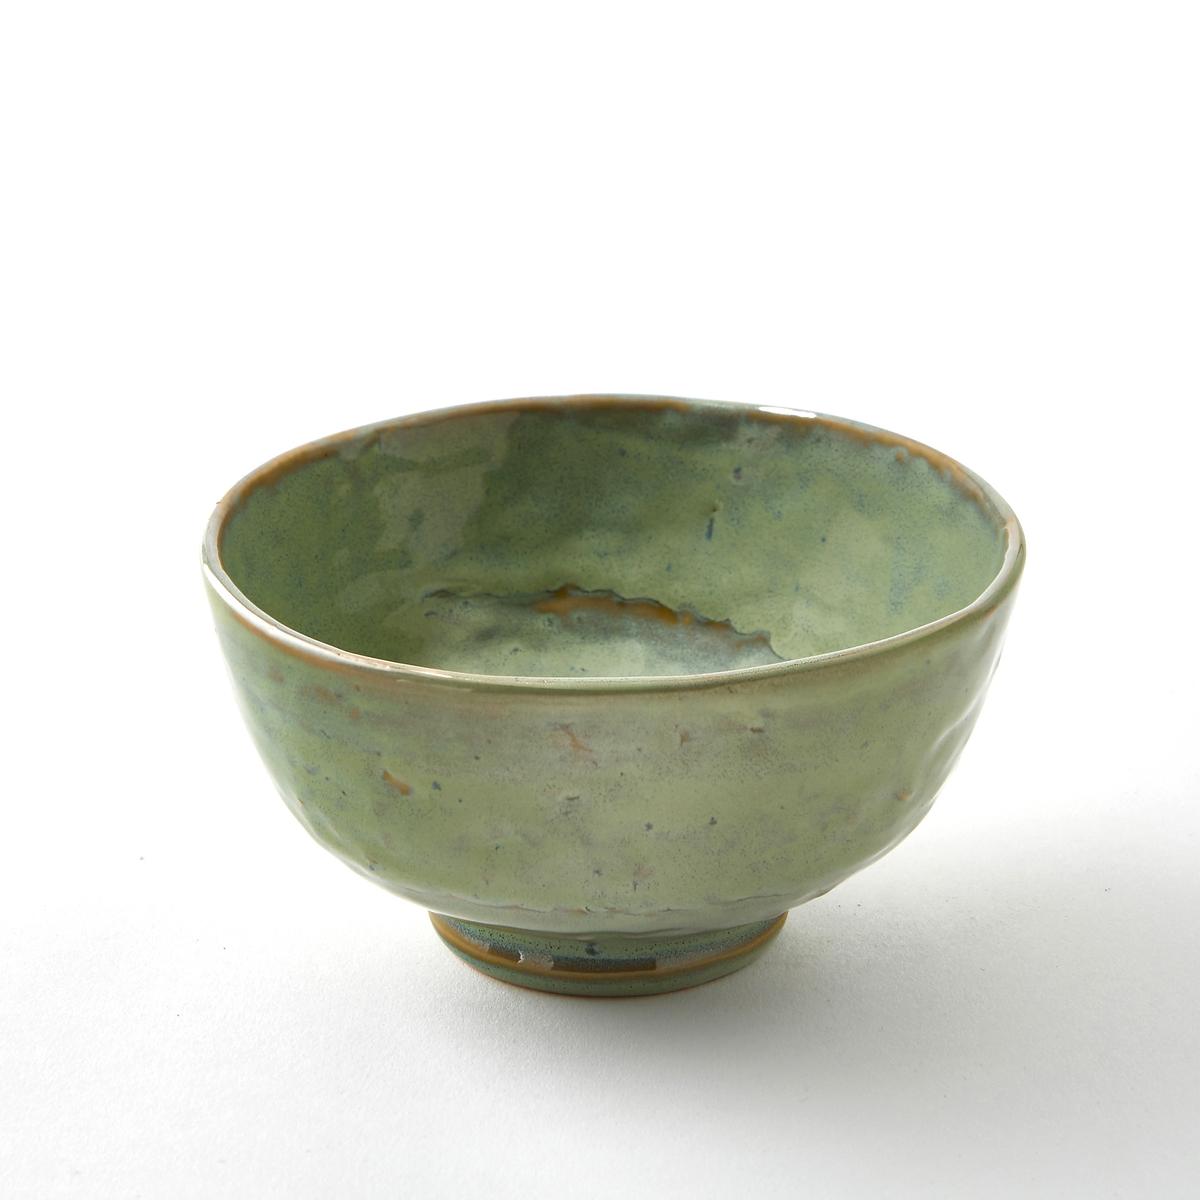 Миска из керамики Pure, дизайн П. Нессенс, Serax от La Redoute